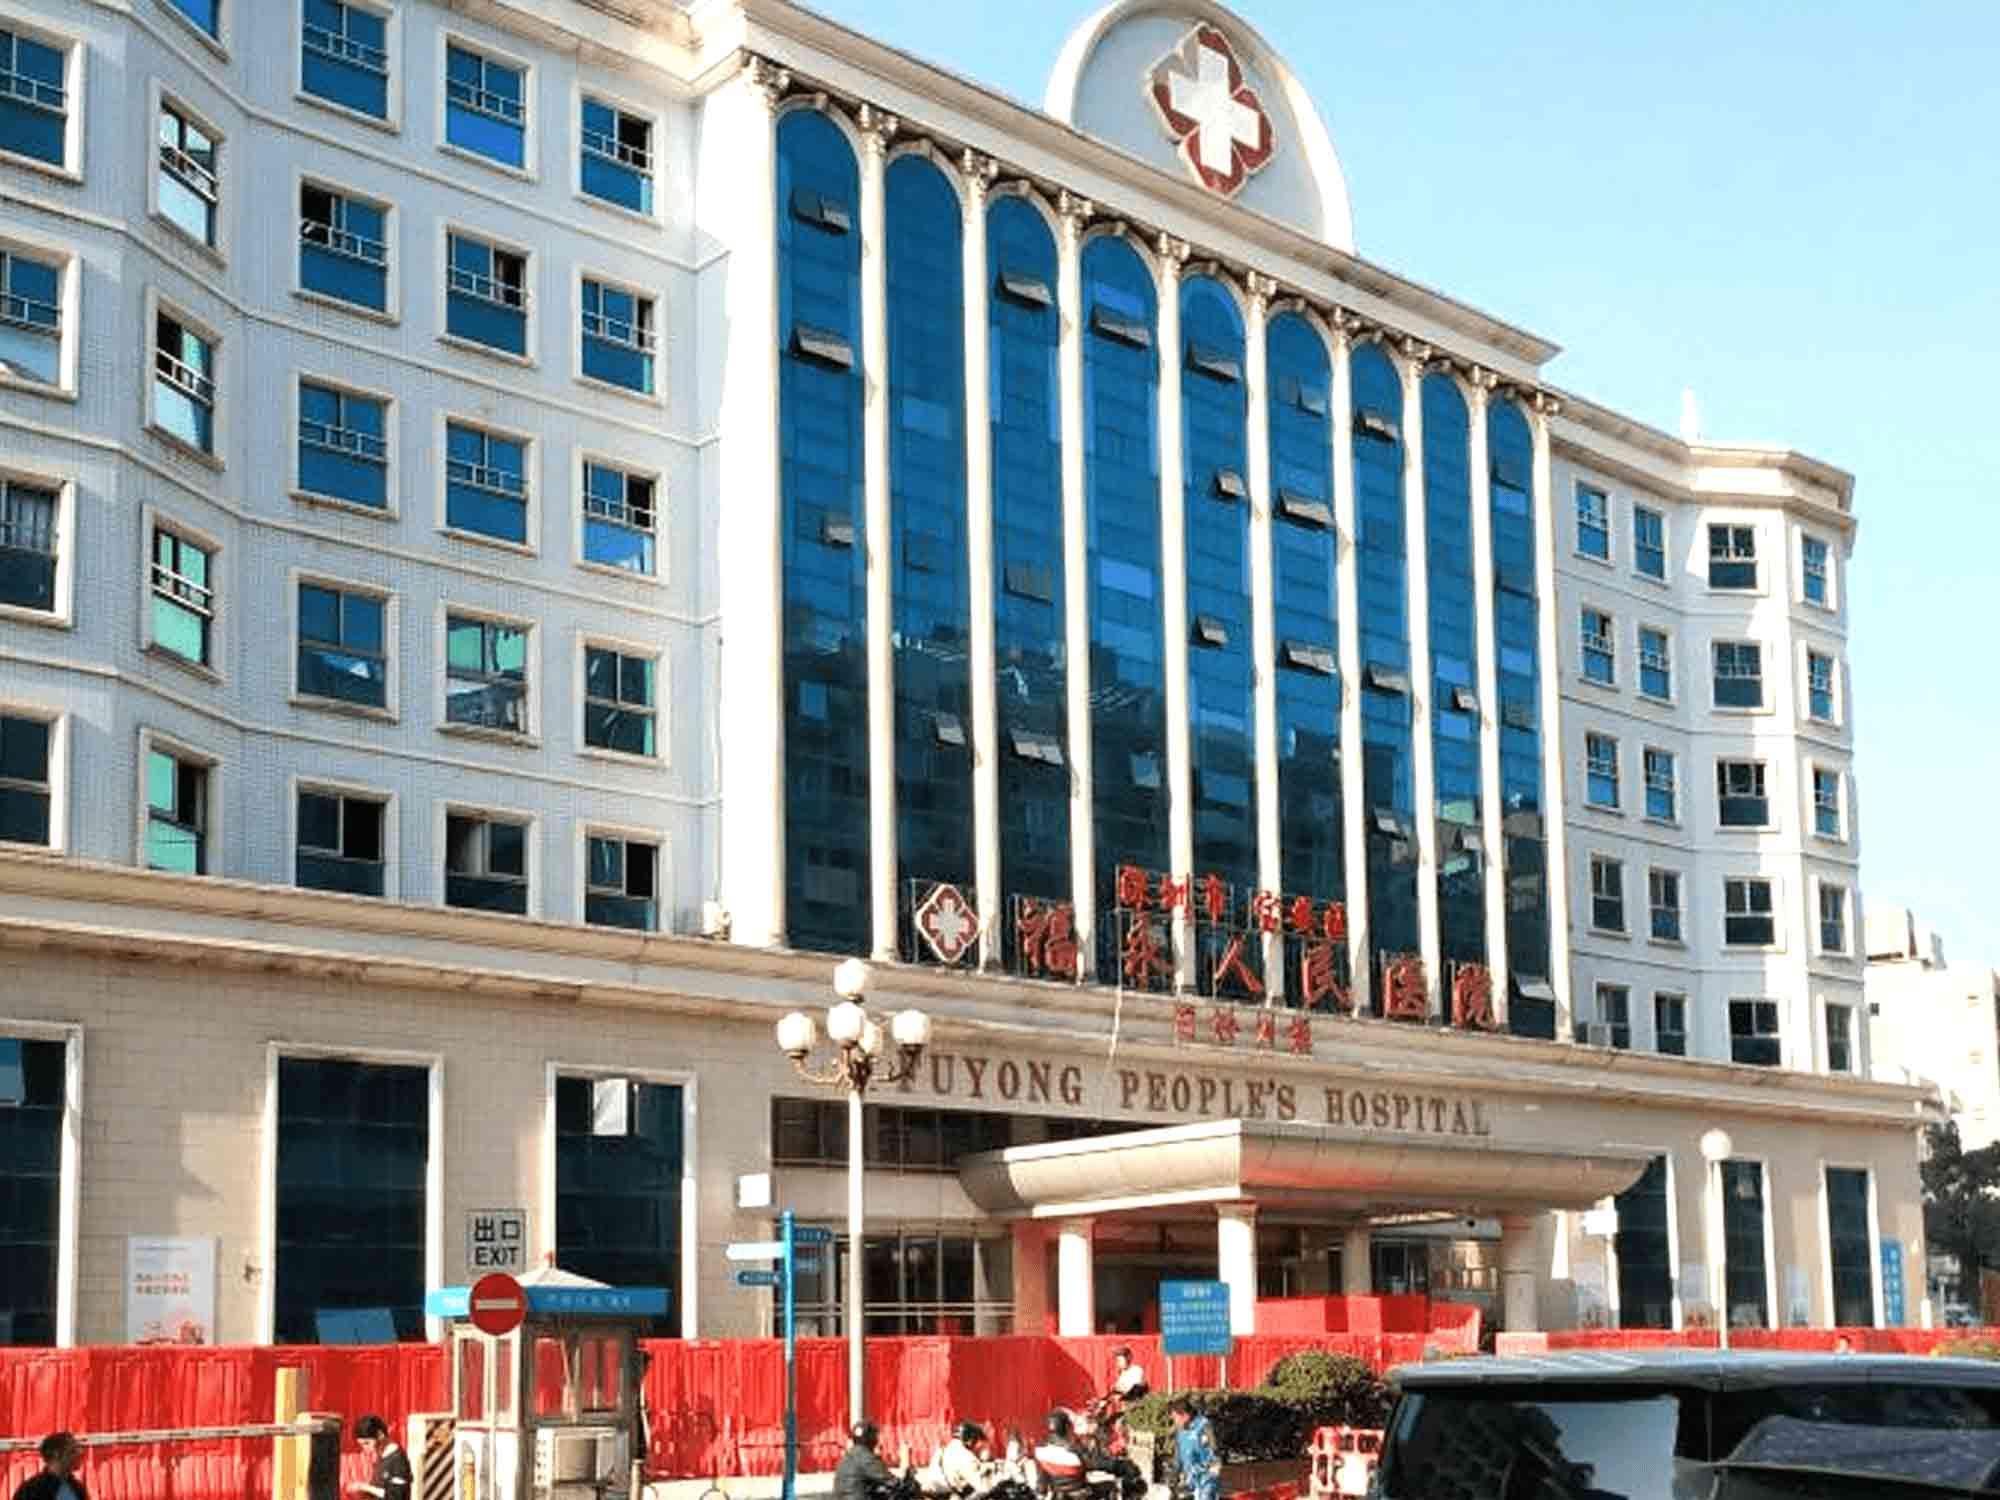 深圳市福永人民医院体检中心